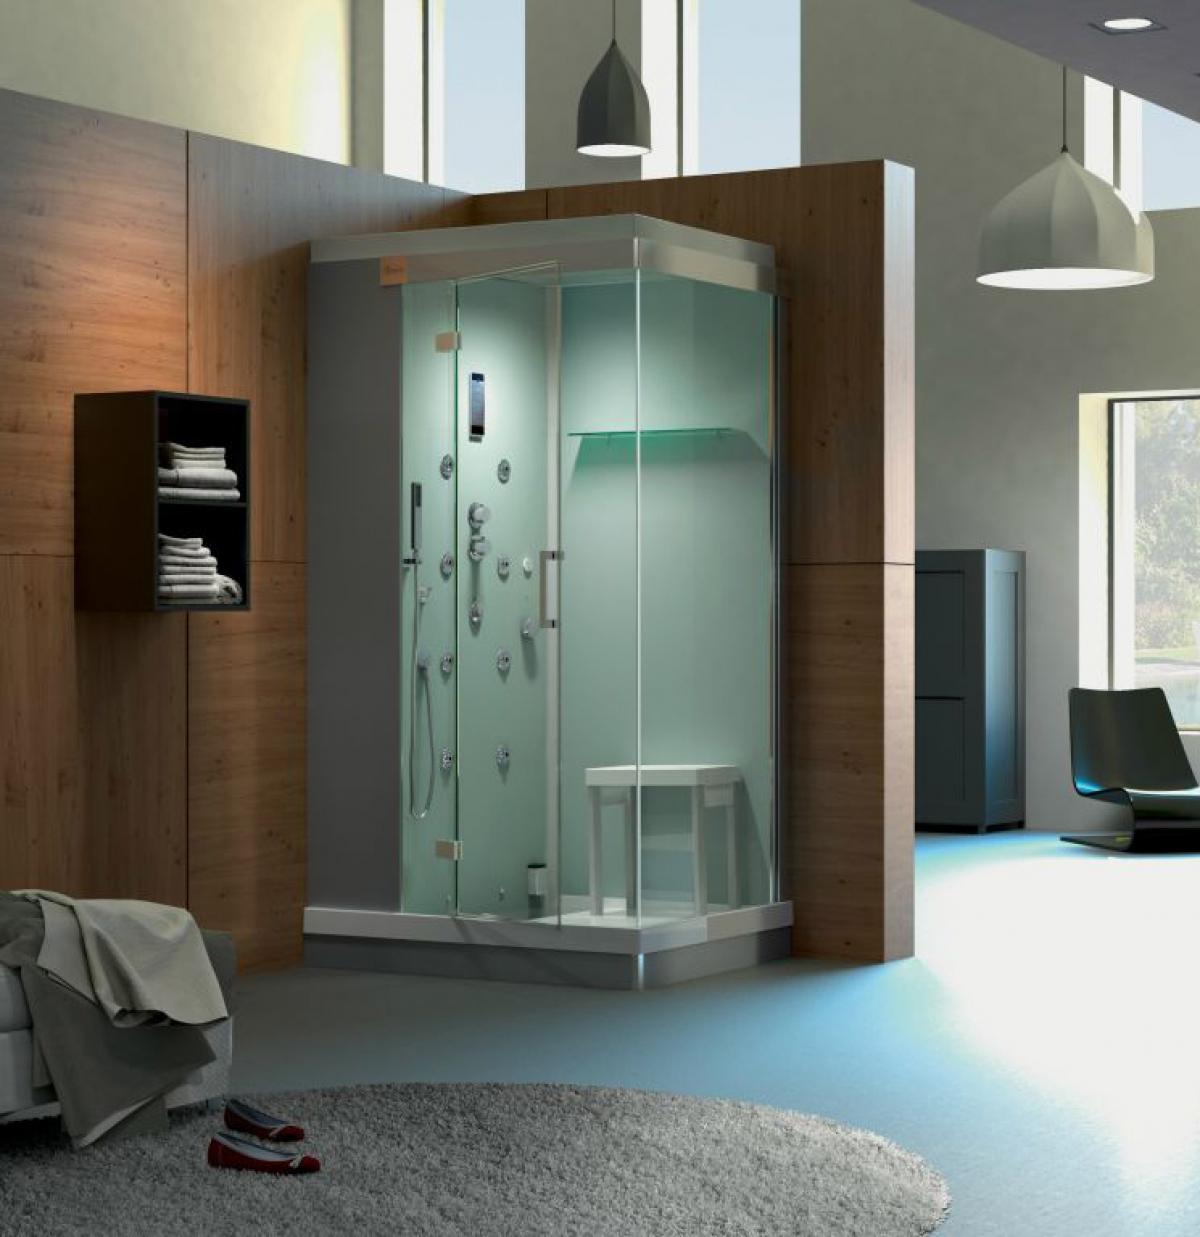 cabine de douche avec jets kinejet kinedo induscabel. Black Bedroom Furniture Sets. Home Design Ideas